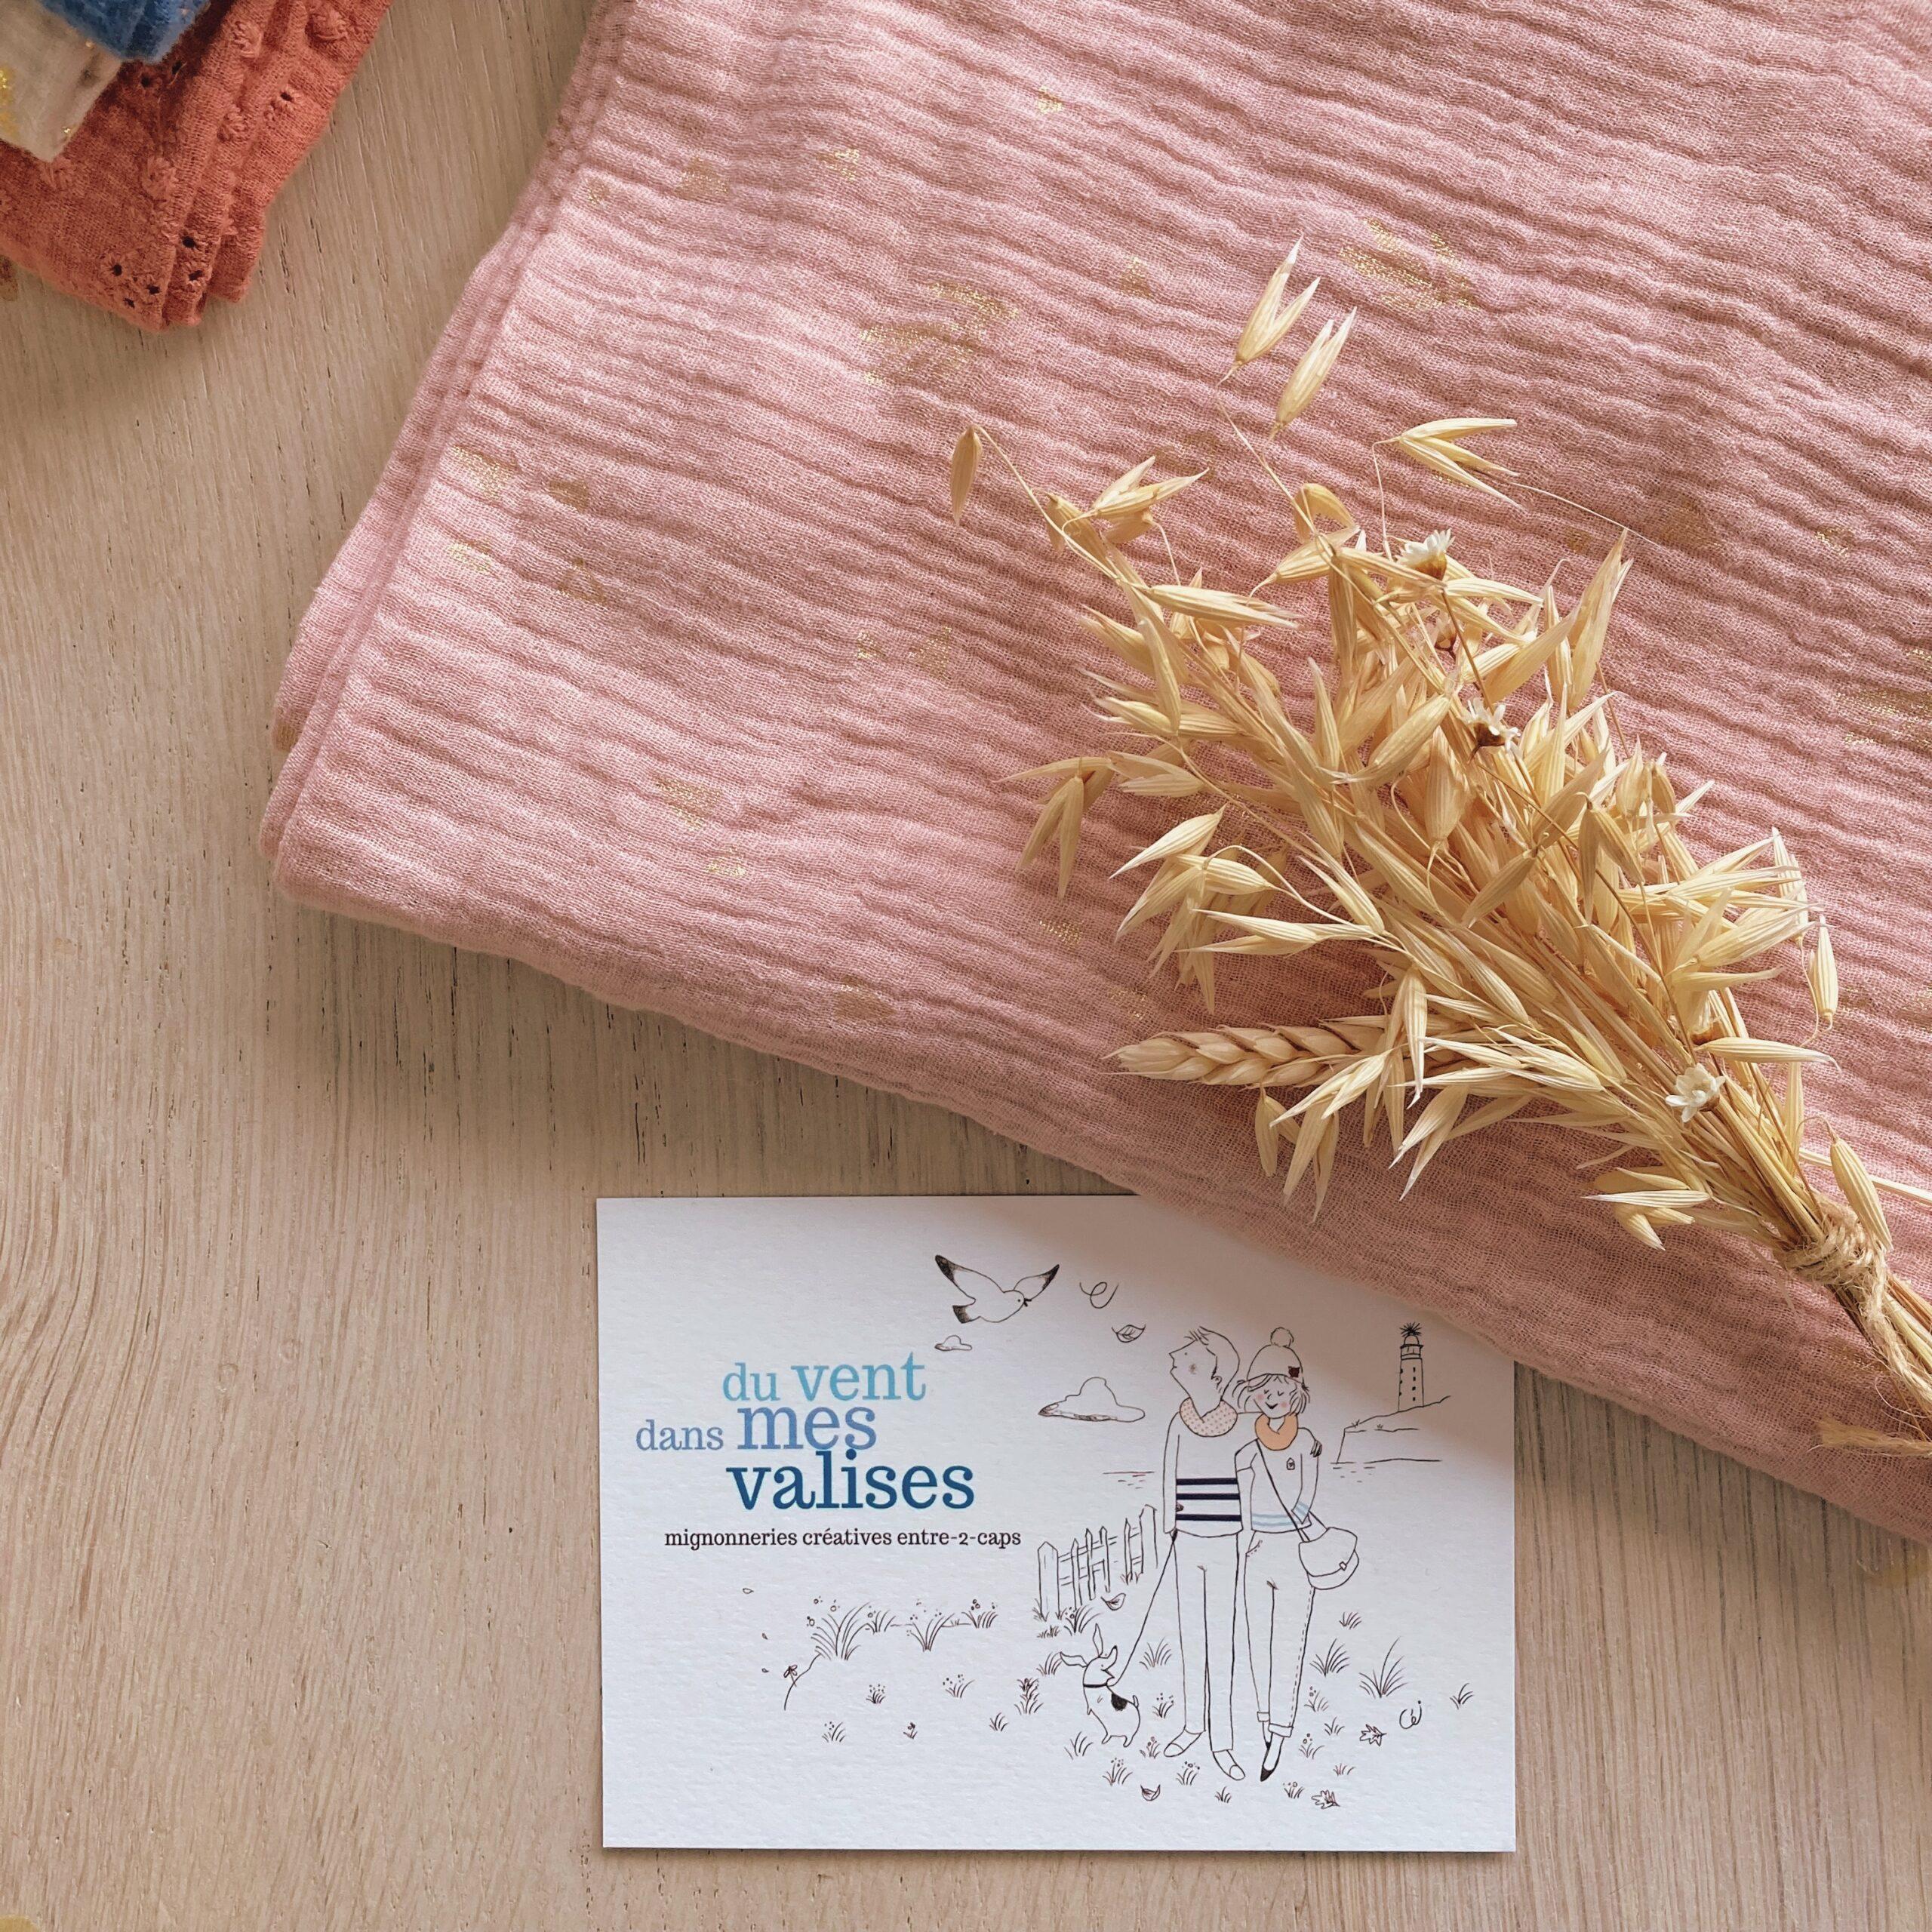 snood-echarpe-femme-made-in-france-double-gaze-rosee-imprime-vegetal-cuivre-du-vent-dans-mes-valises